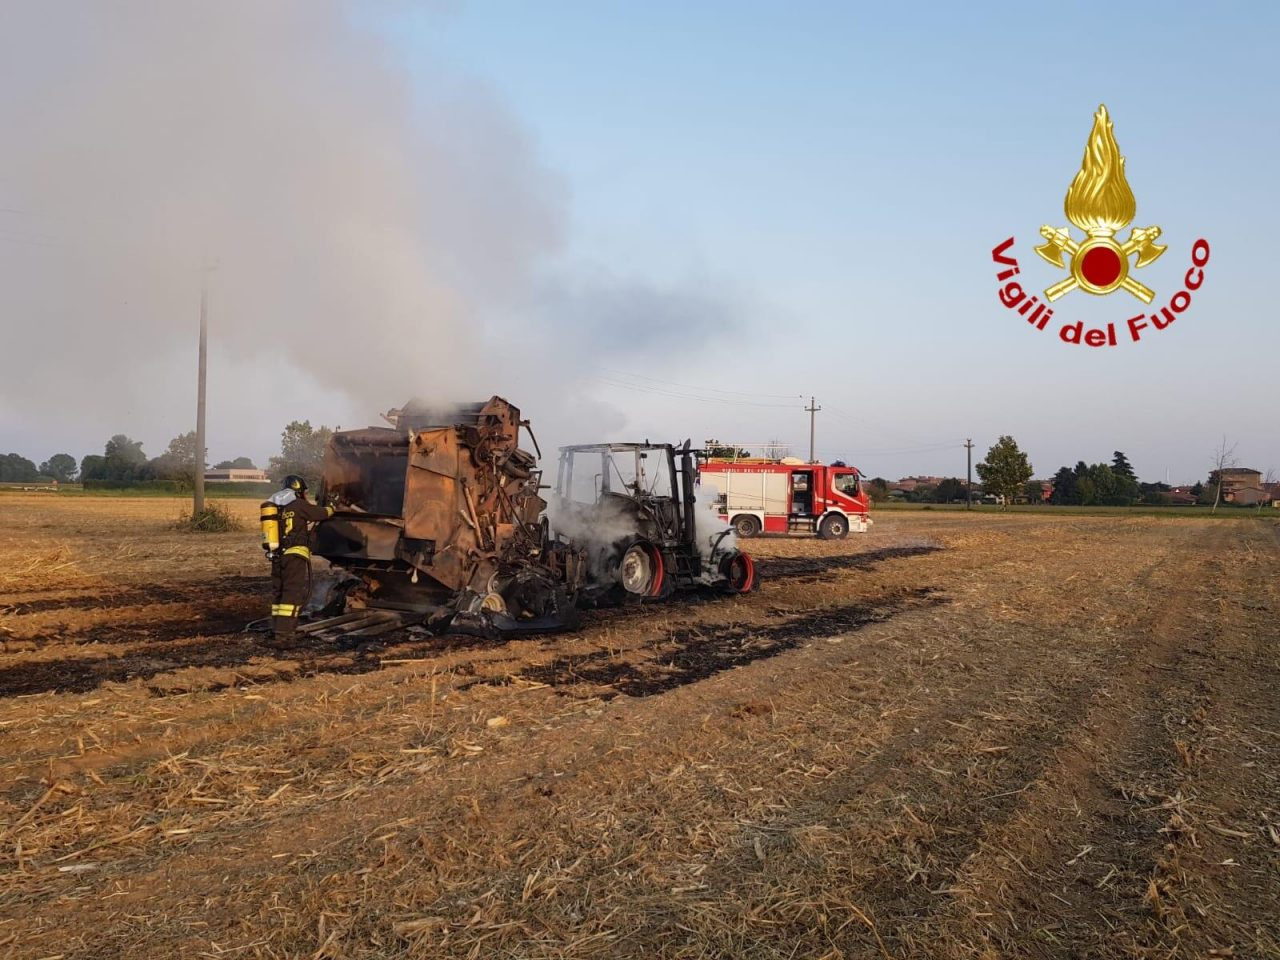 Trattore in fiamme a Mulazzano, arrivano i Vigili del Fuoco FOTO